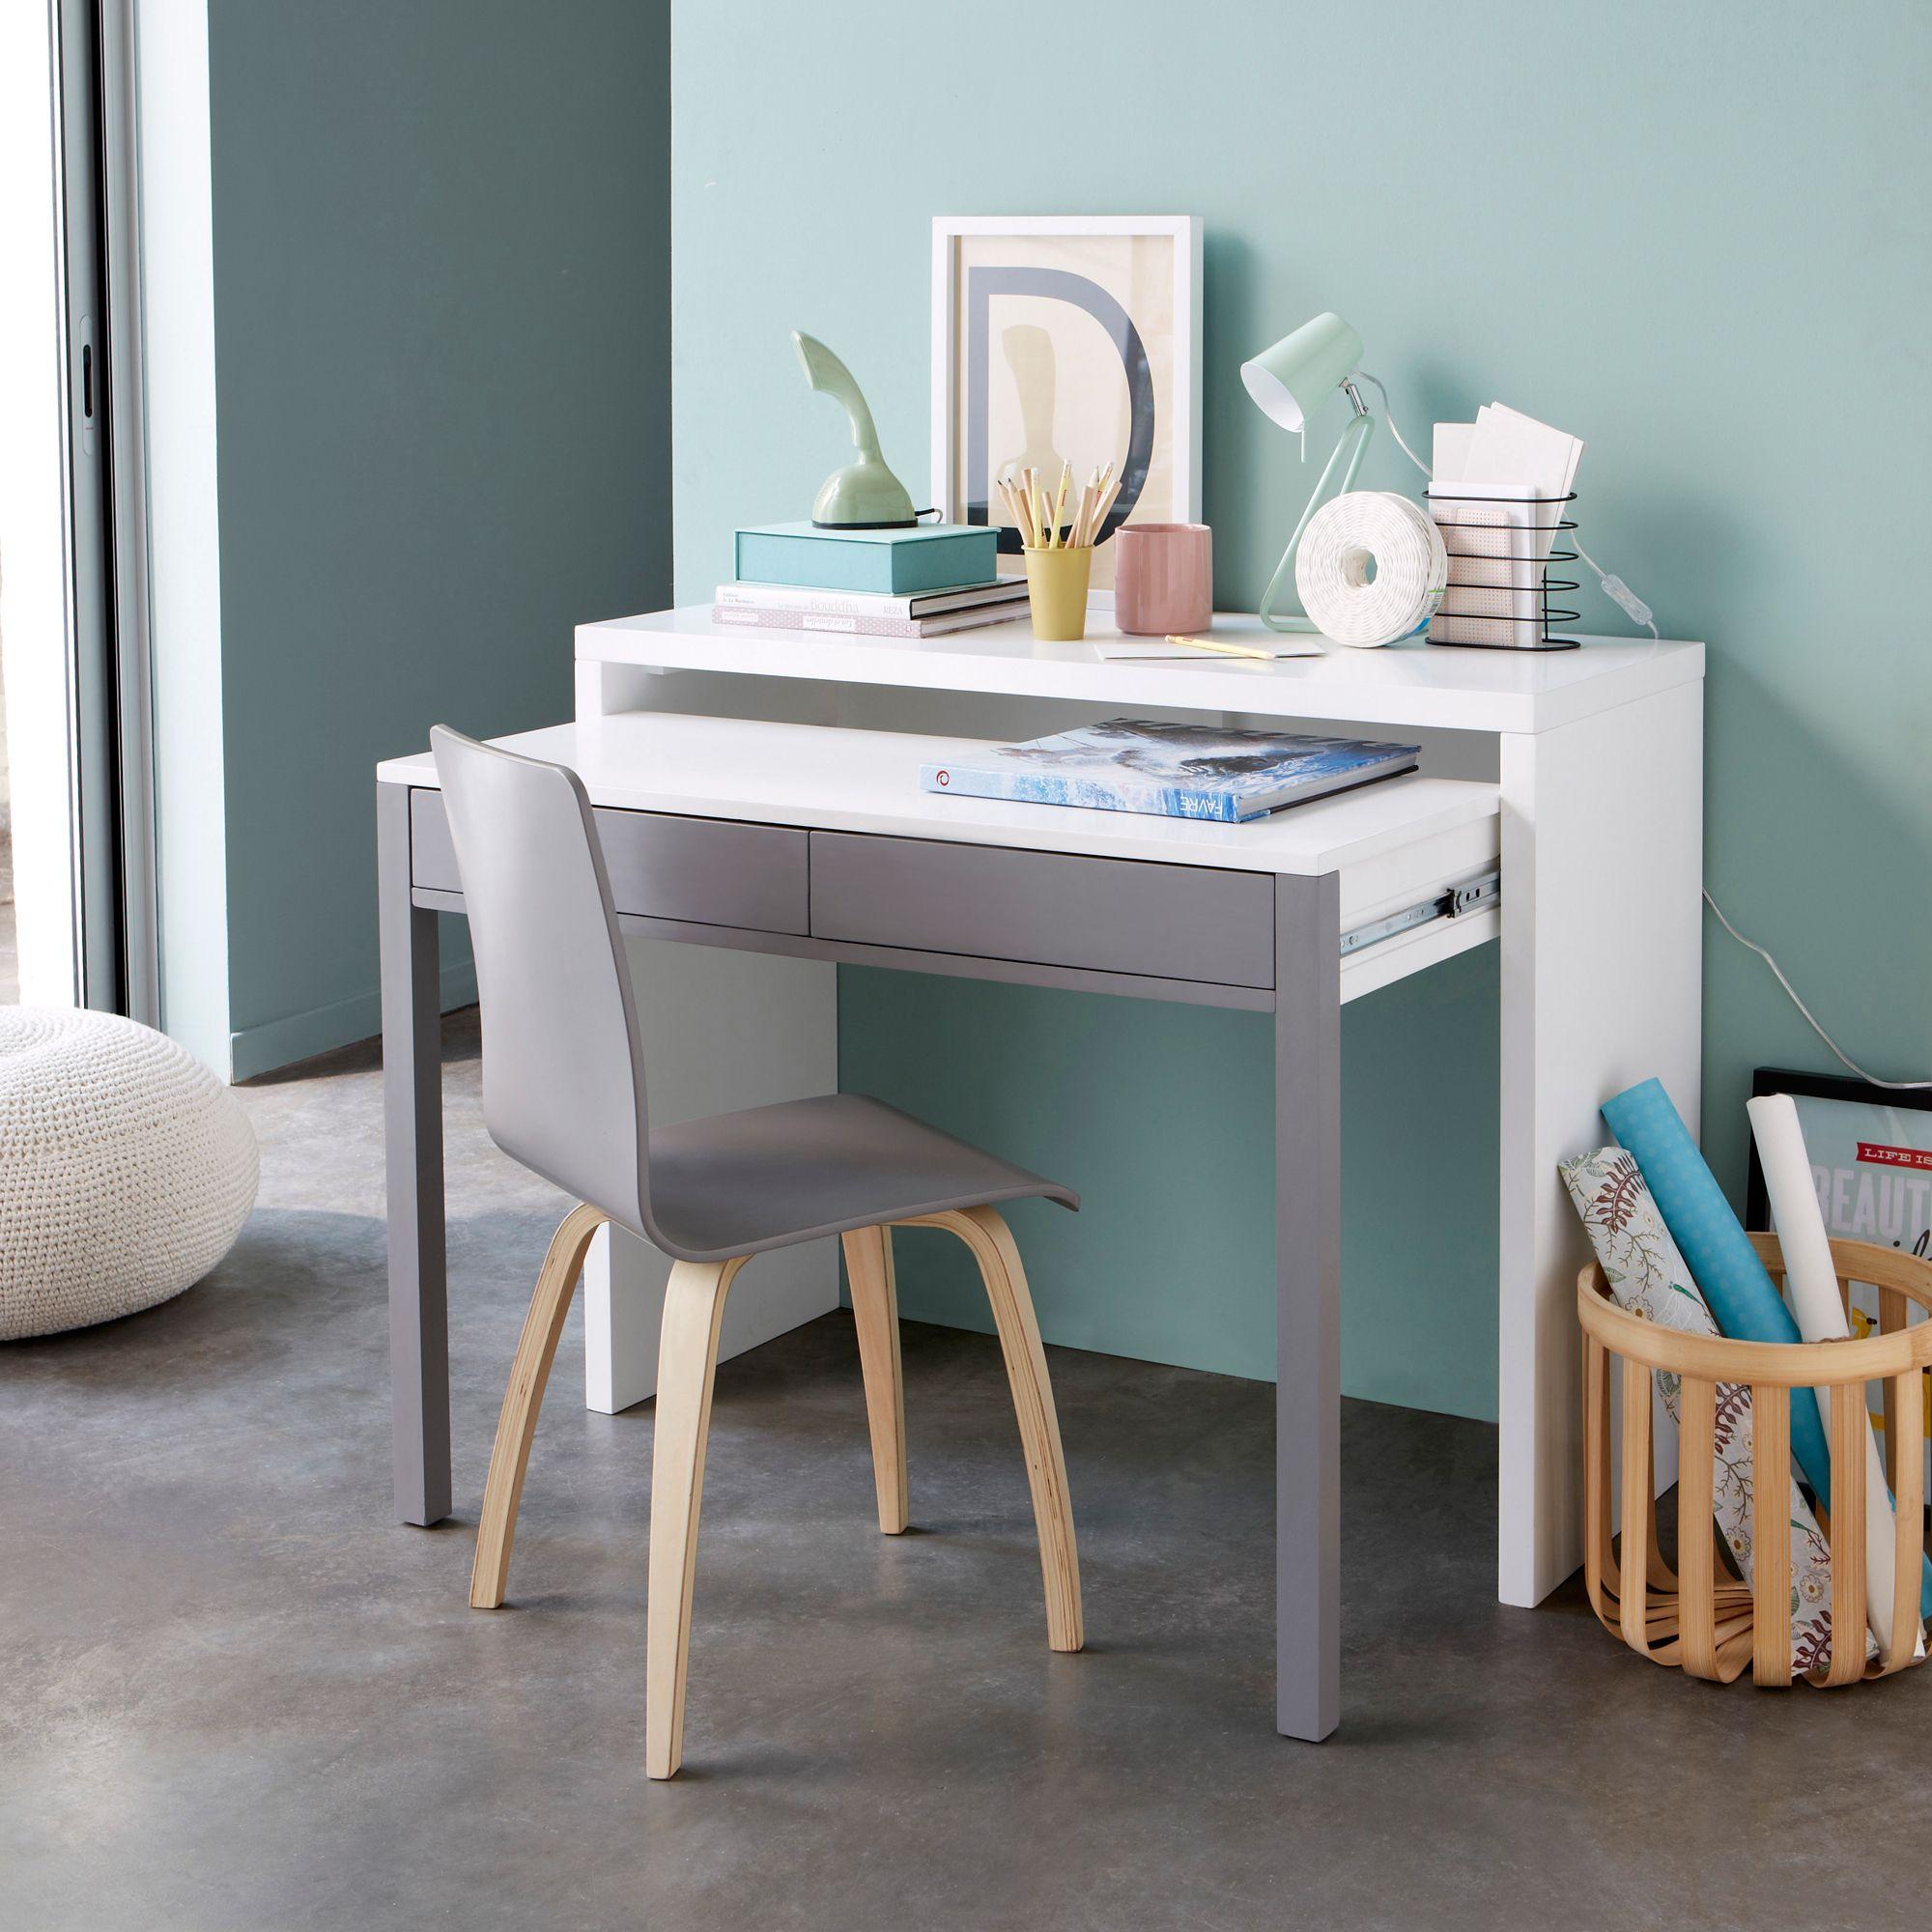 Mettre Des Roulettes Sous Une Table bureau console 2 tiroirs. la version console, un meuble